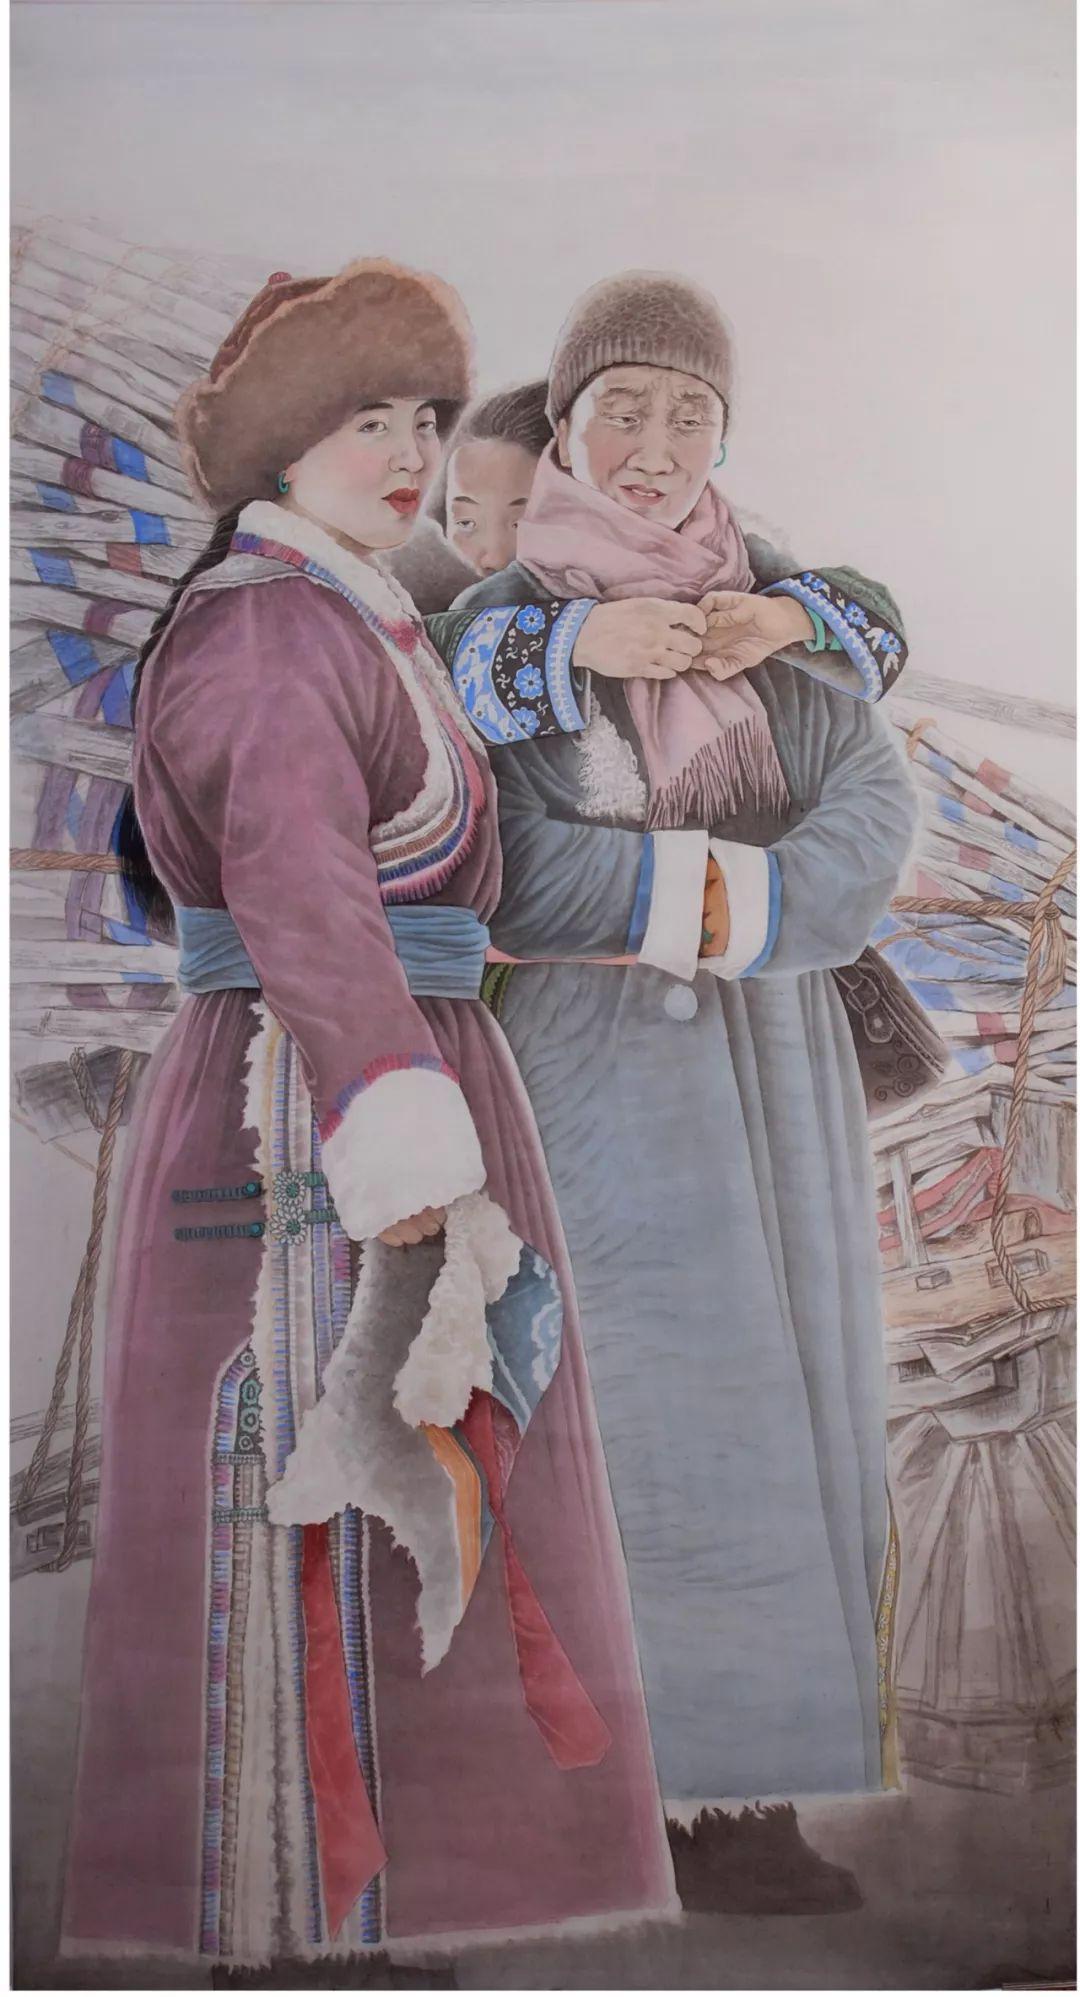 李金风国画作品欣赏 第6张 李金风国画作品欣赏 蒙古画廊